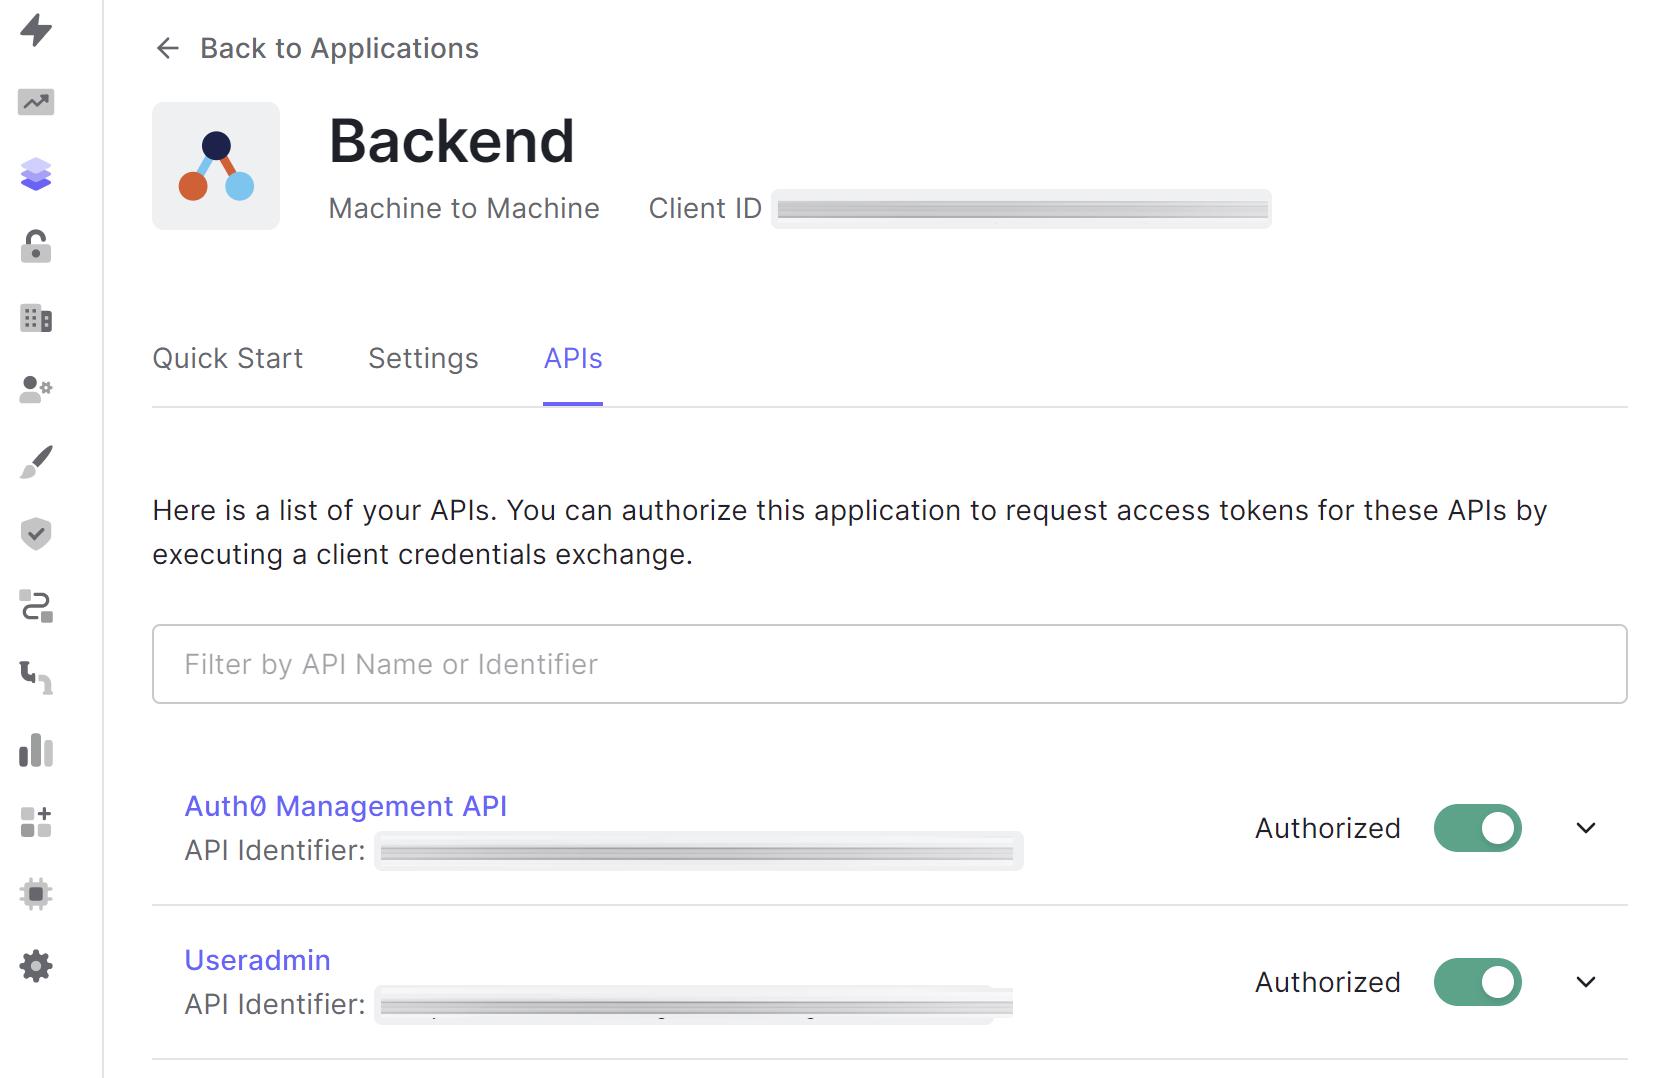 Skjermbilde som viser Auth0 Backend-applikasjonen som har fått tilgang til Auth0 Management API og Useradmin API.